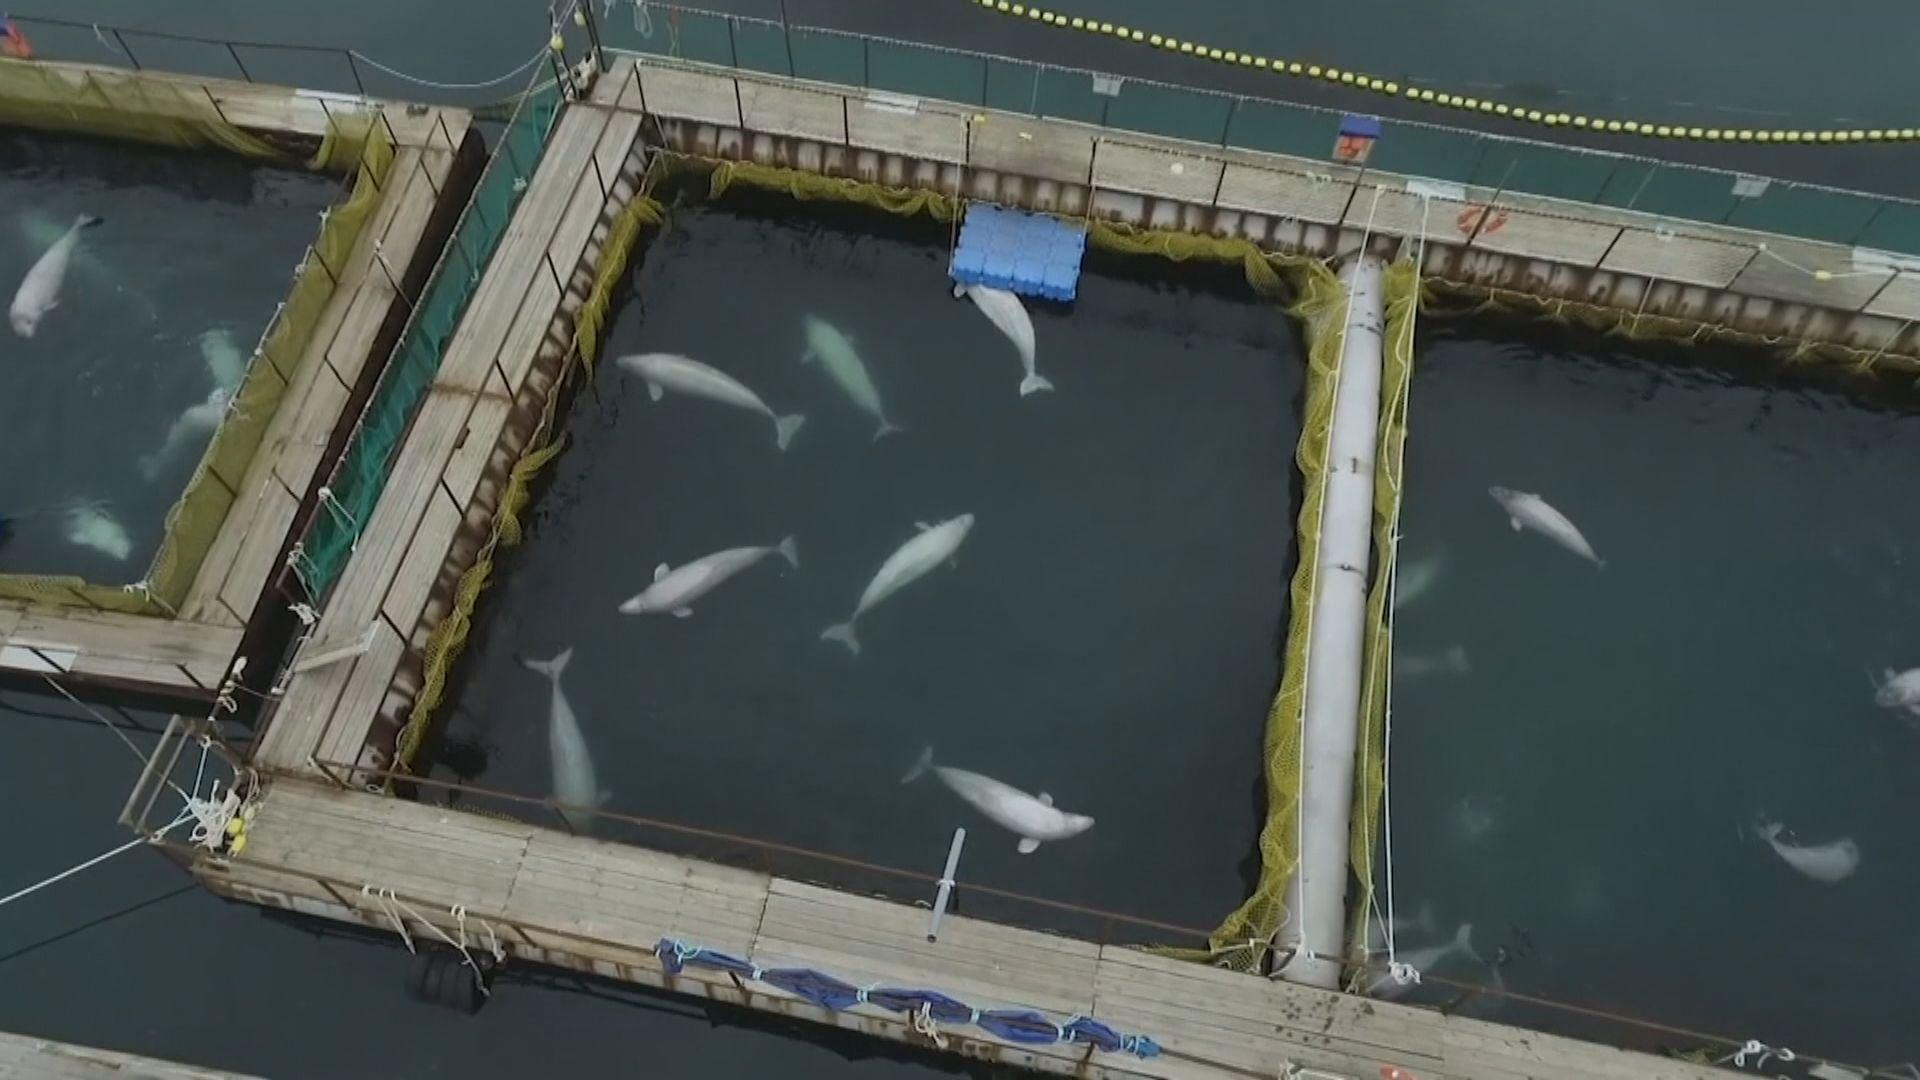 【環球薈報】俄羅斯放生百條非法捕撈鯨魚